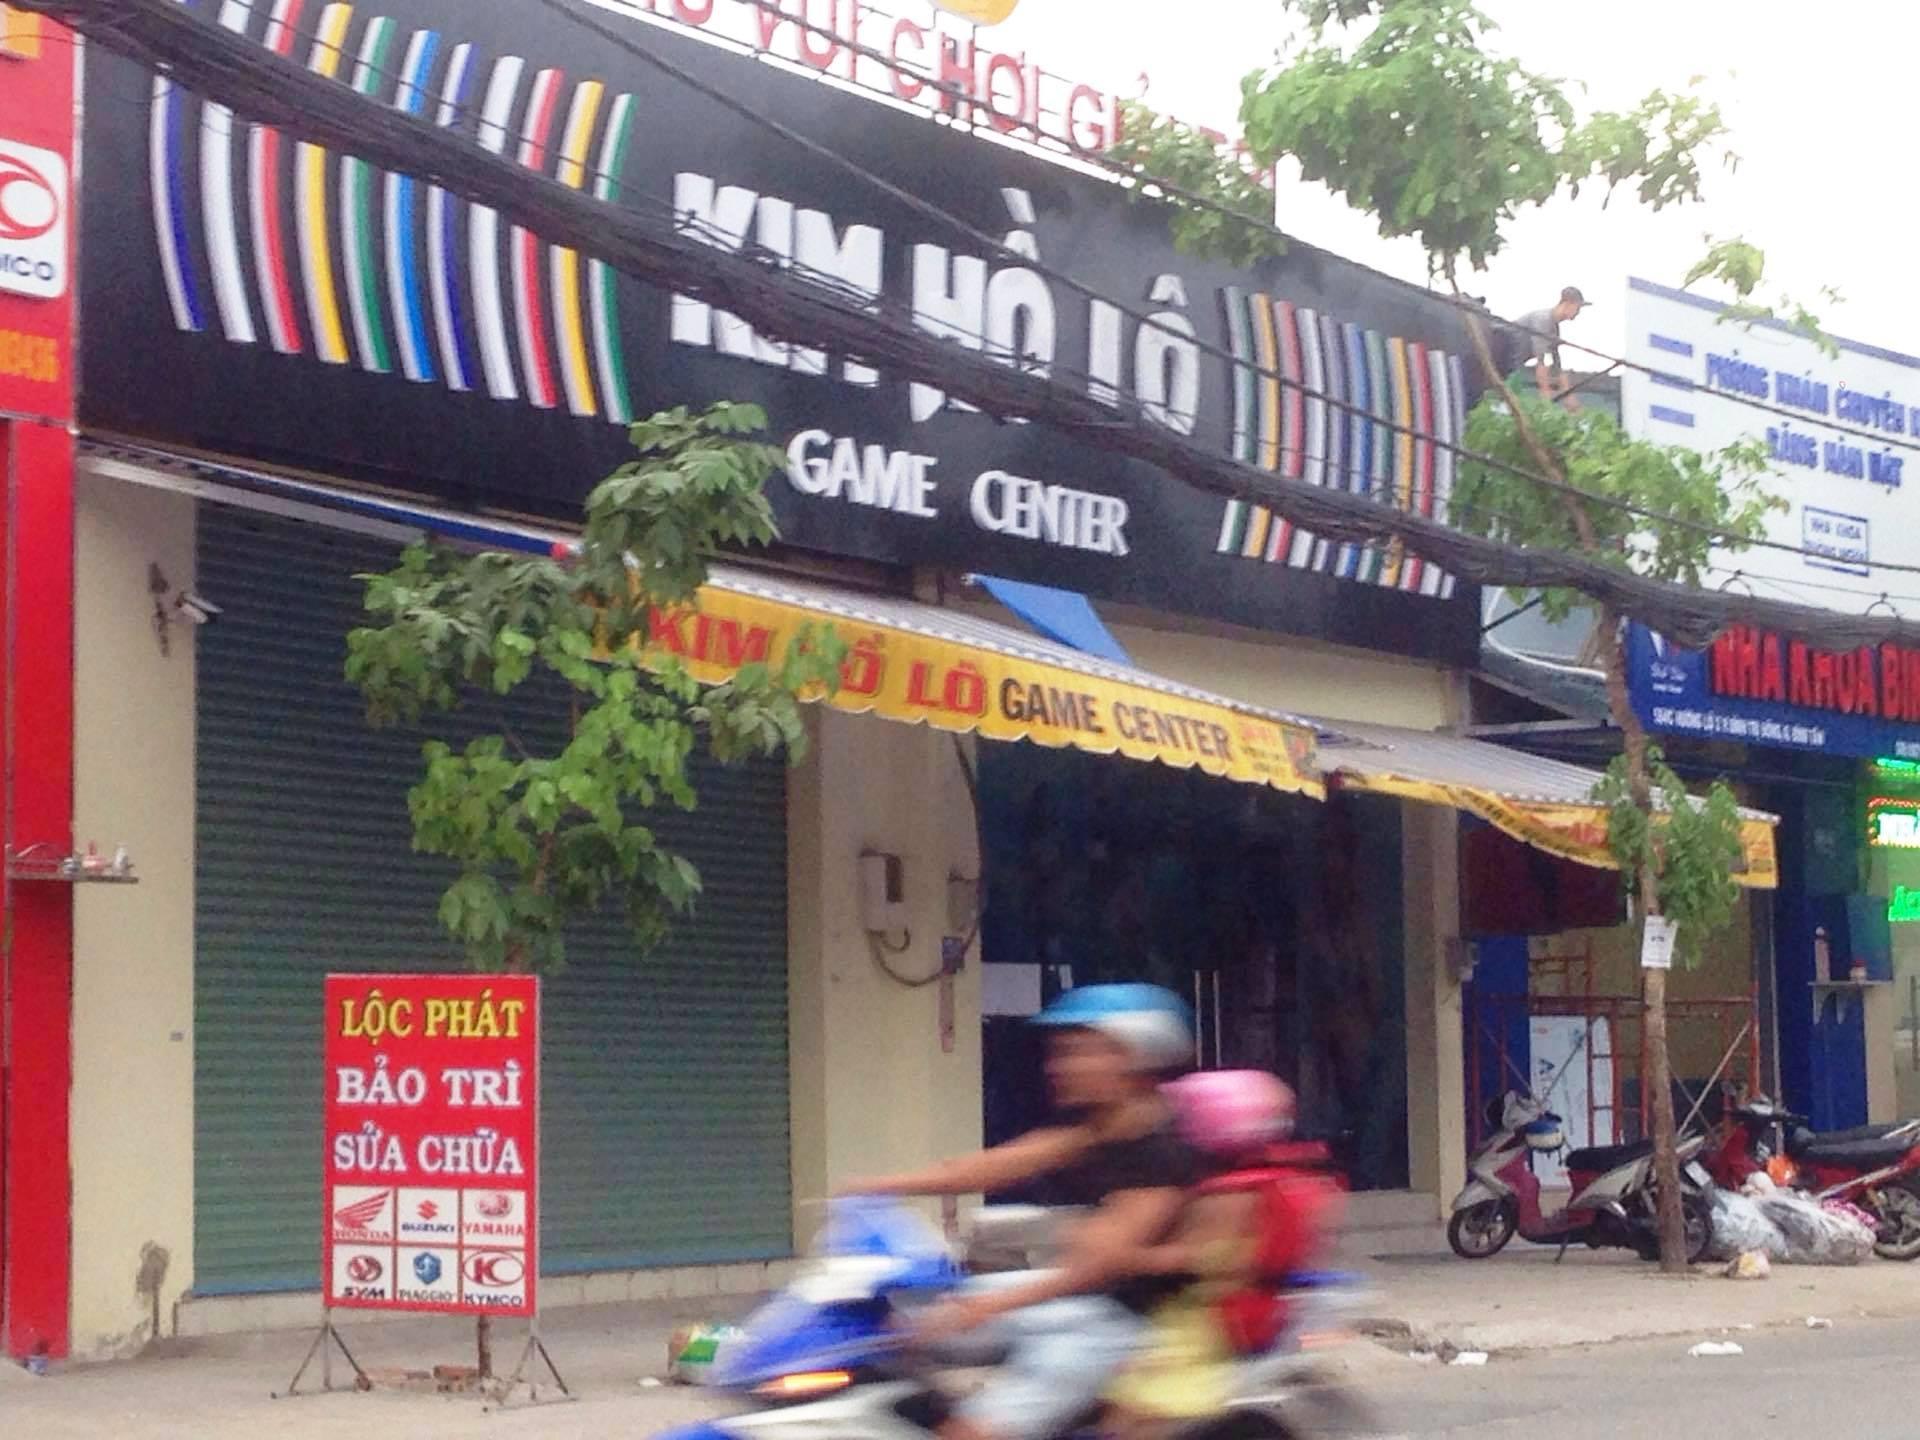 Bí mật trong tiệm game bắn cá ở Sài Gòn